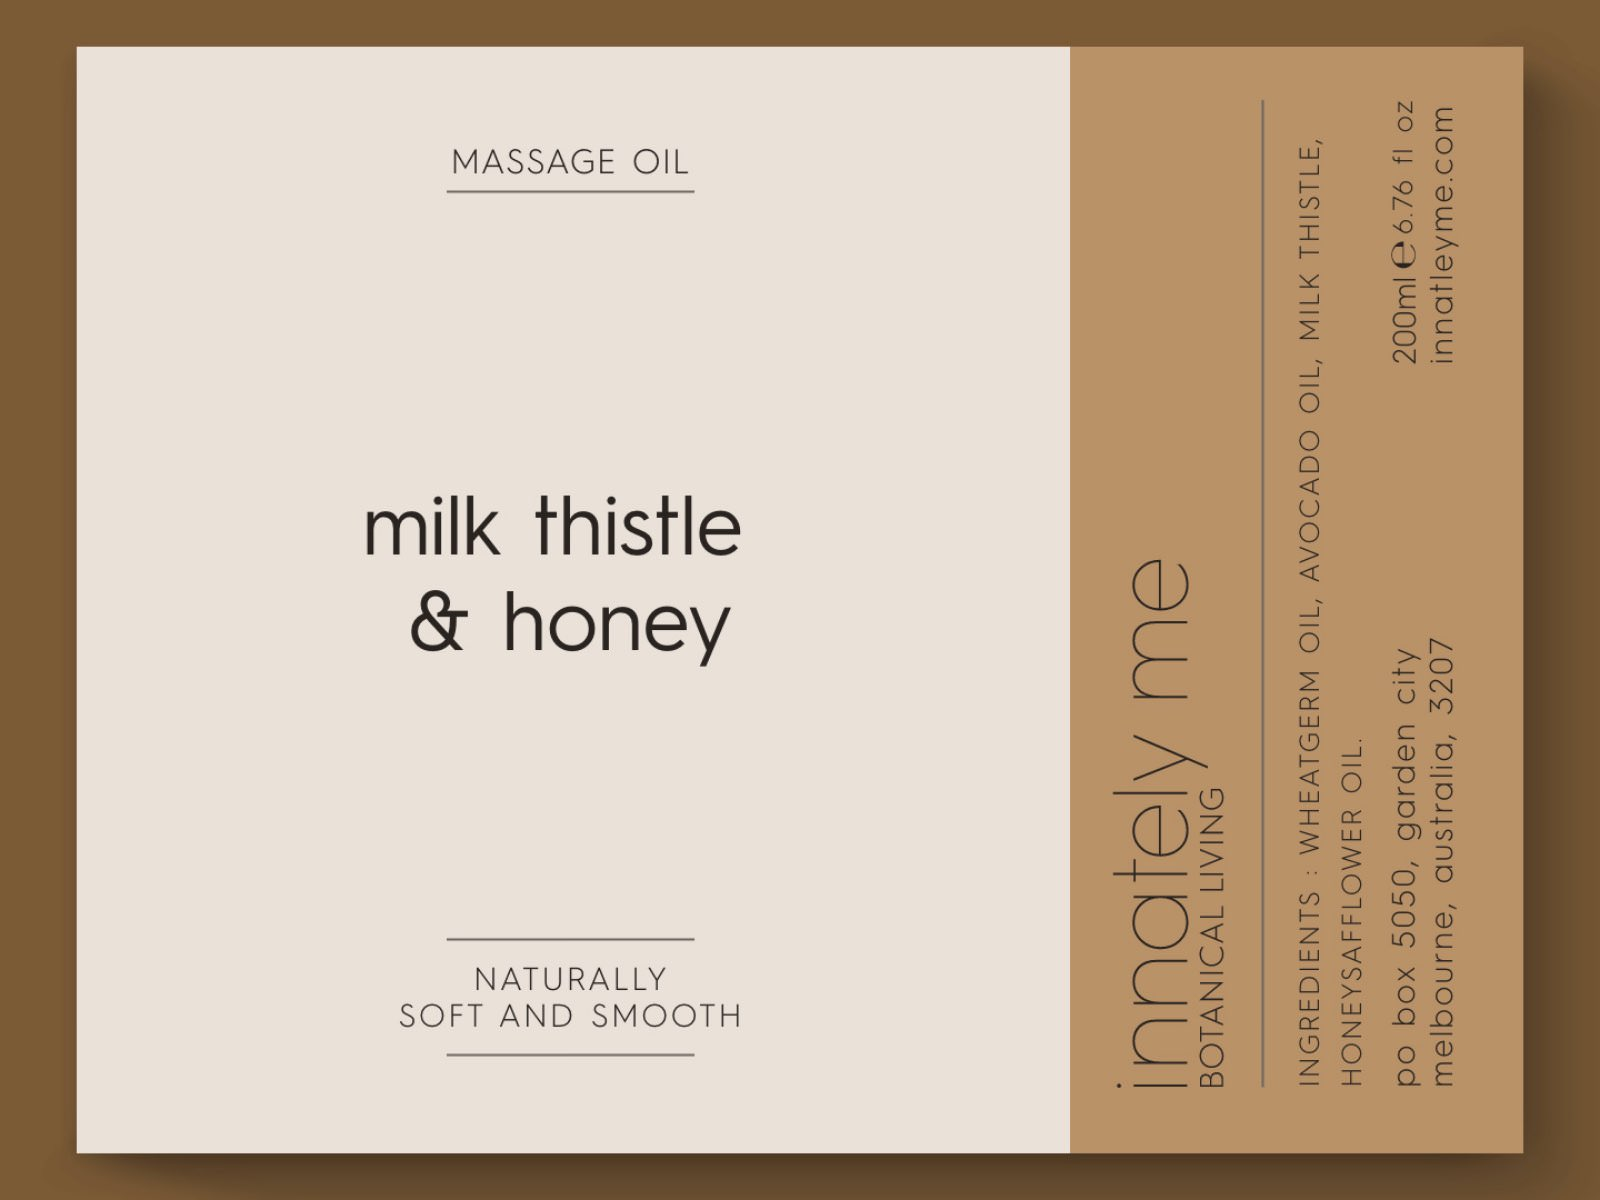 milk thistle honey label design